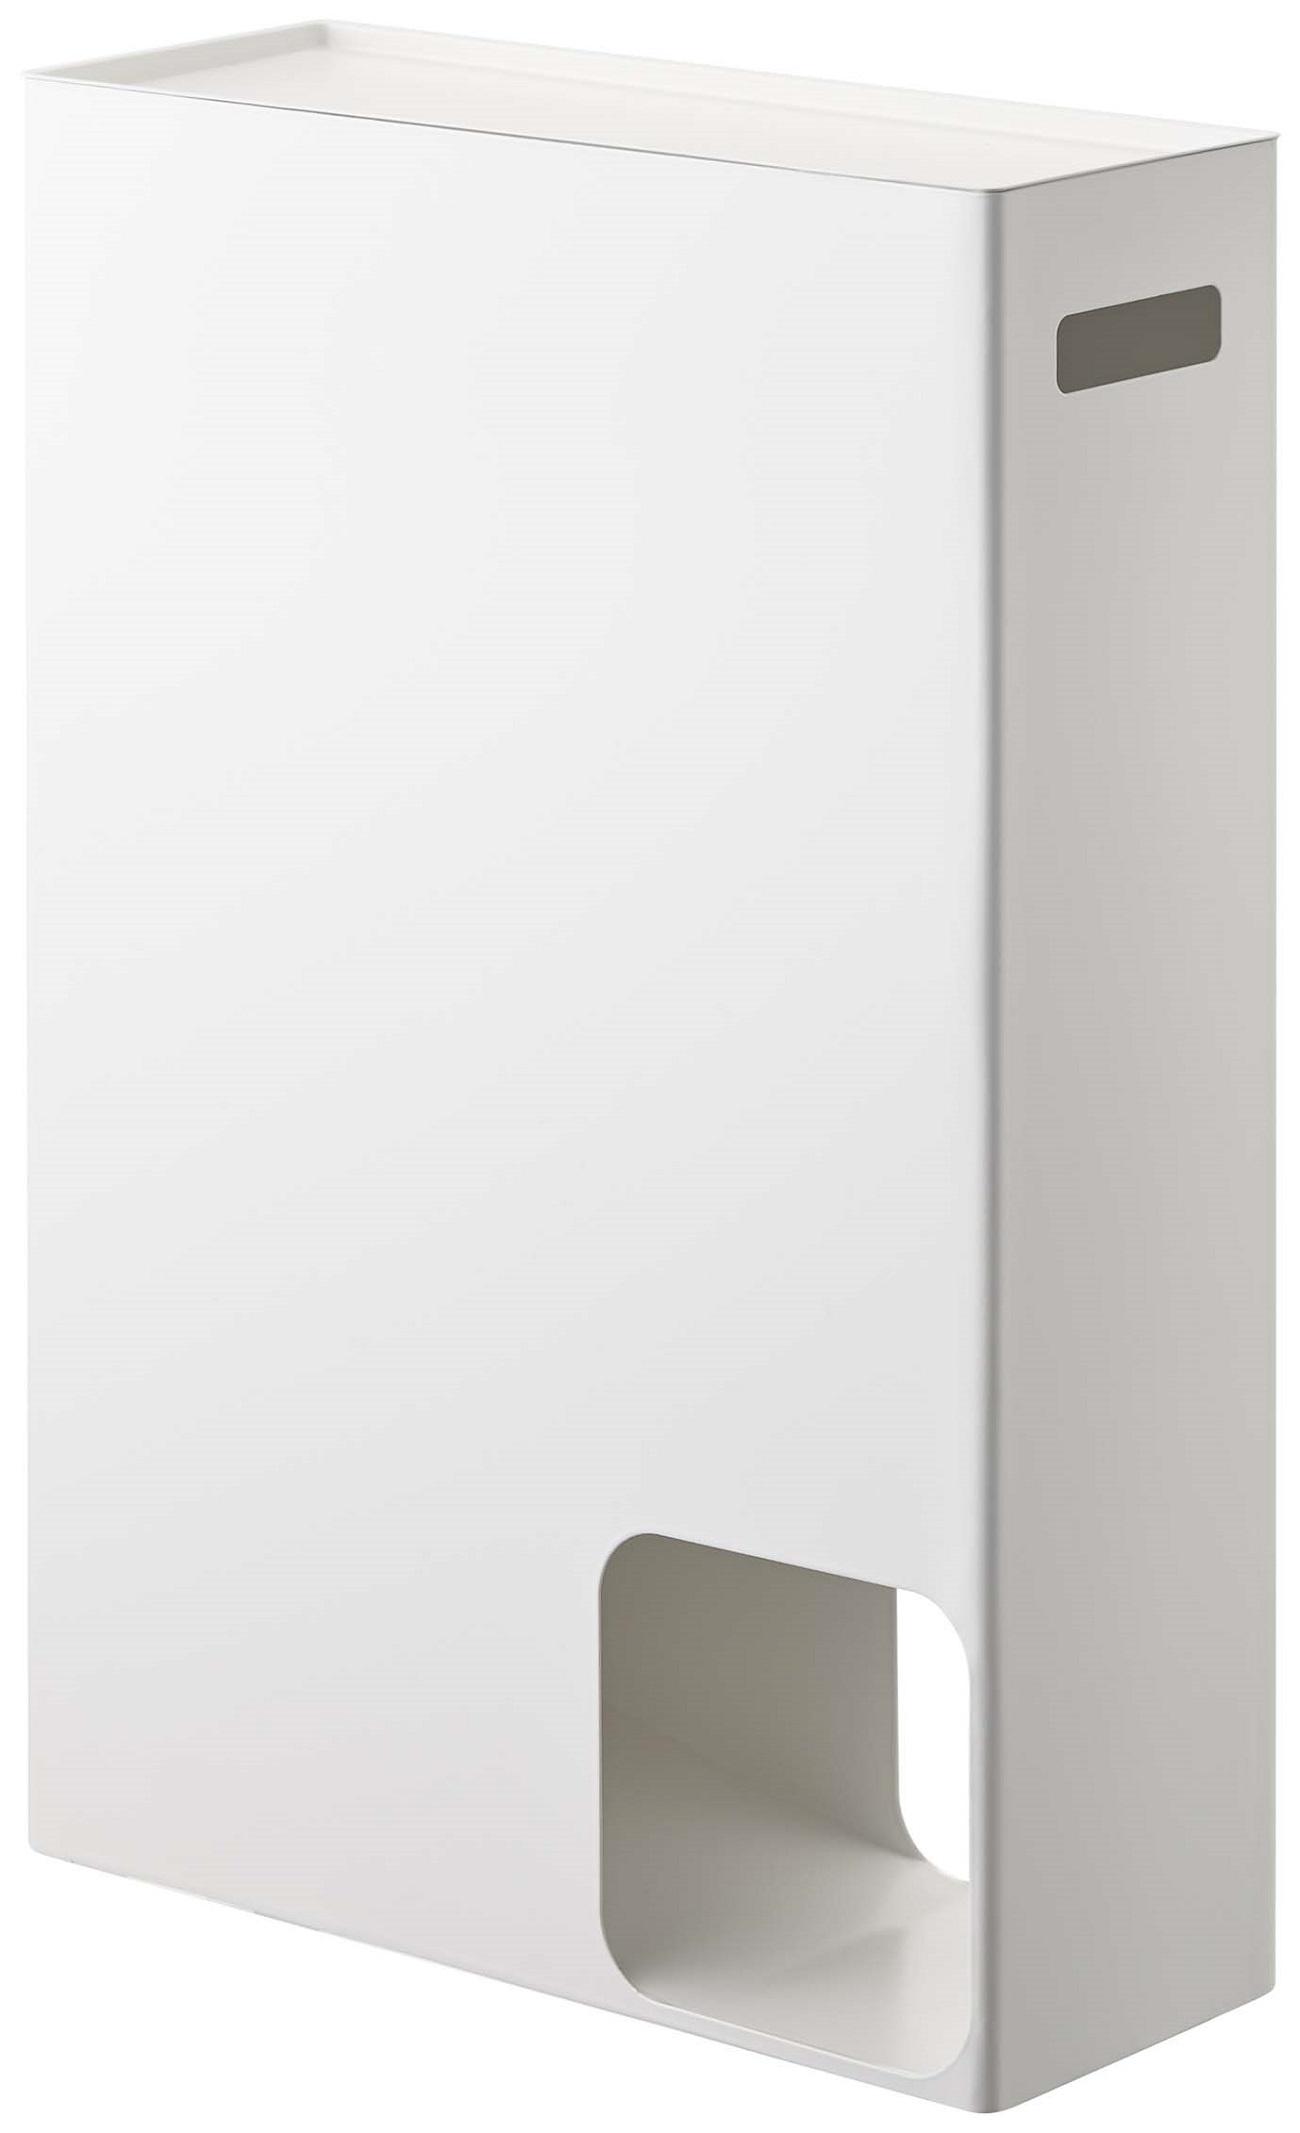 Тумба для ванной Yamazaki, с отделением для хранения туалетной бумаги, 22942294Материал: сталь. Размер: ширина 33, длина 12,5, высота 48. Цвет: белый